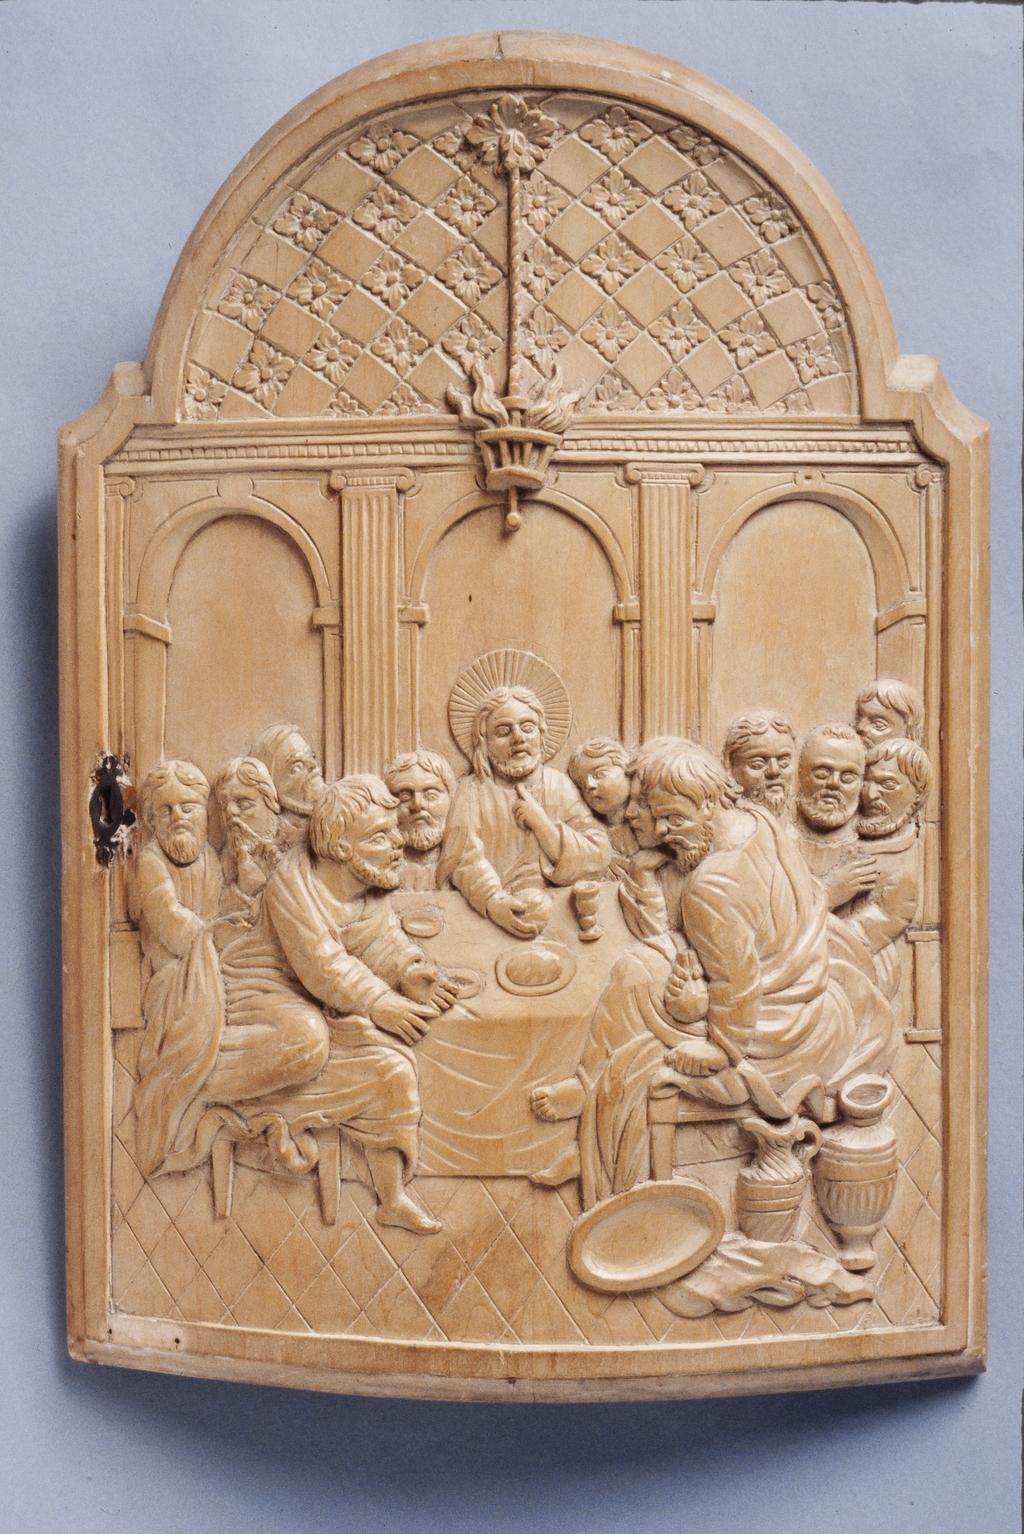 Porte du tabernacle du maître-autel de l'église Sainte-Rose-de-Lima, de Laval, ornée d'une représentation de la Dernière Cène